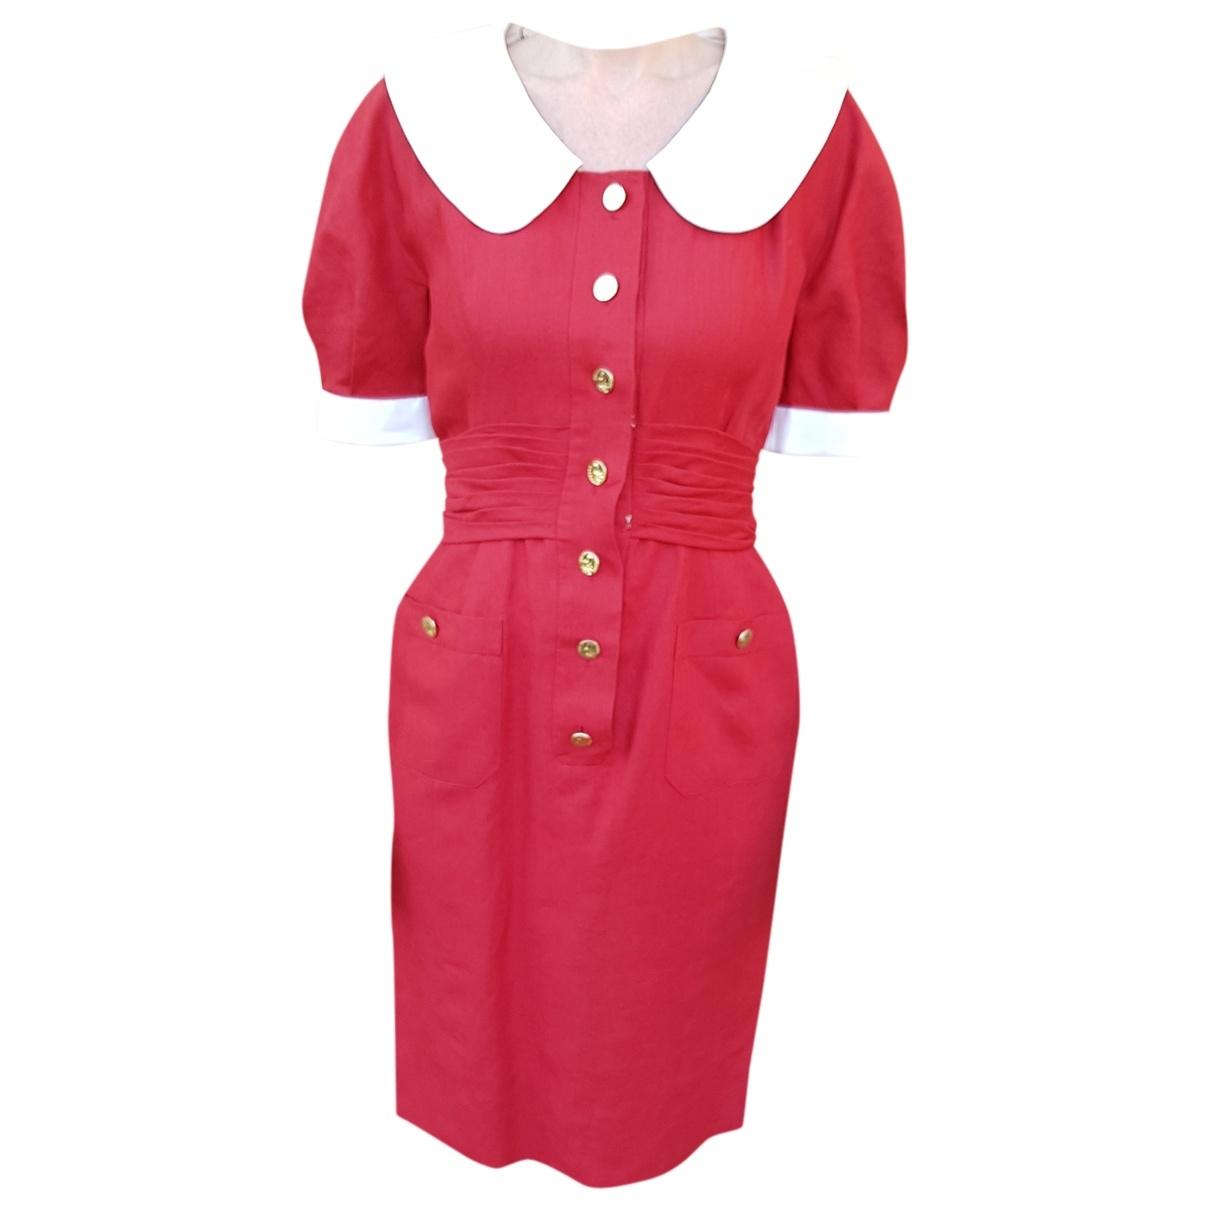 Chanel \N Red Linen dress for Women 36 FR